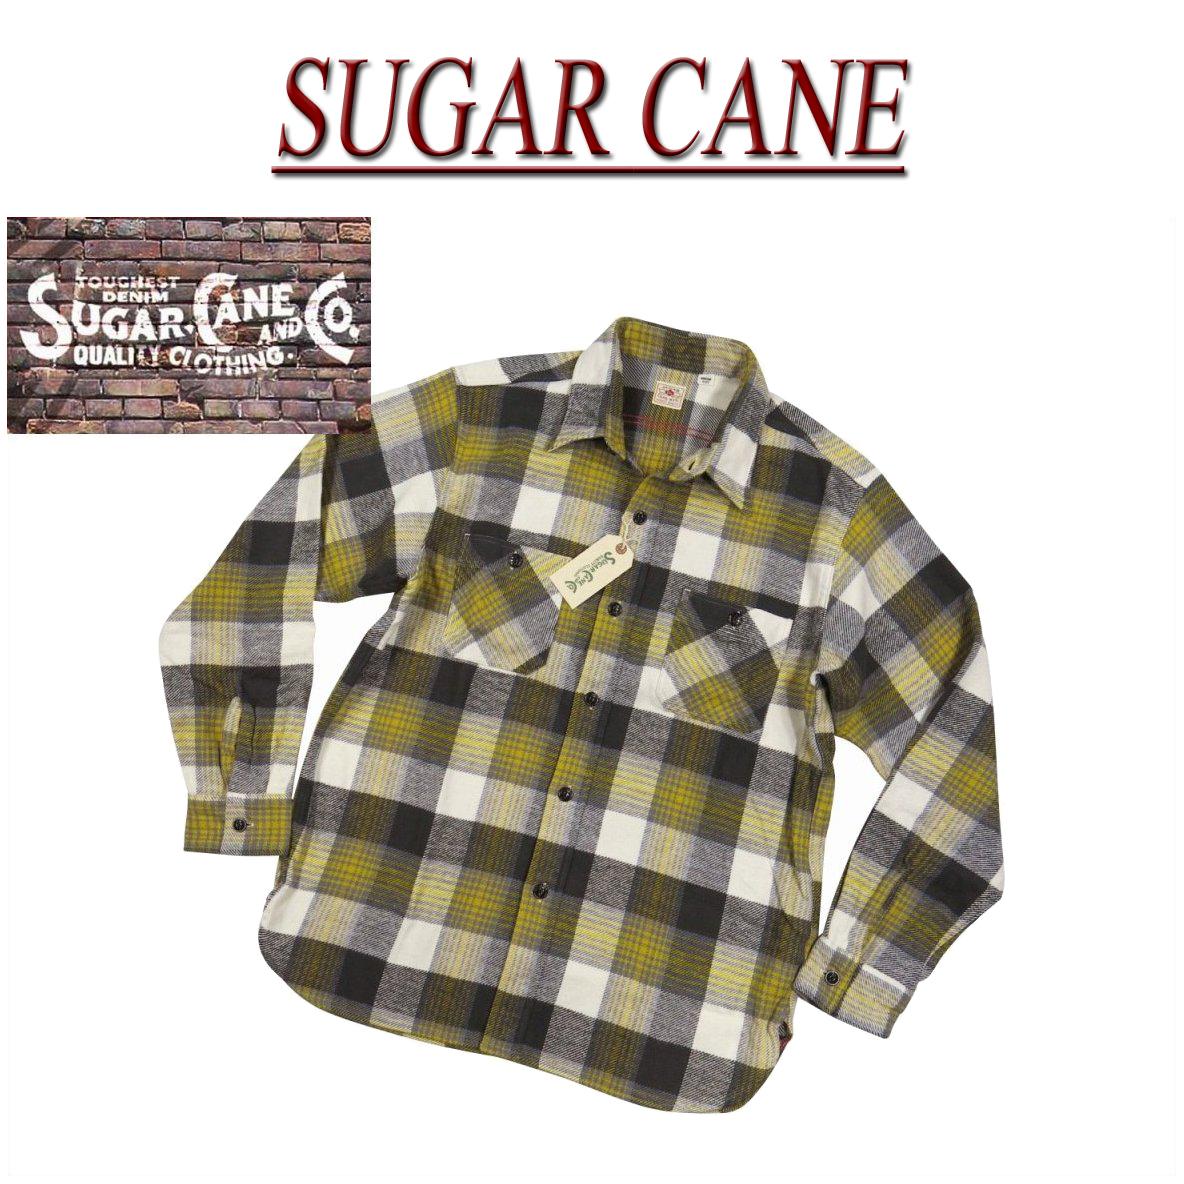 【4サイズ】 nz471 新品 SUGAR CANE 日本製 マチ付 チェック 長袖 ヘビーネルシャツ SC27386 メンズ シュガーケーン TWILL CHECK L/S WORK SHIRT ツイル ワークシャツ Made in JAPAN 【smtb-kd】